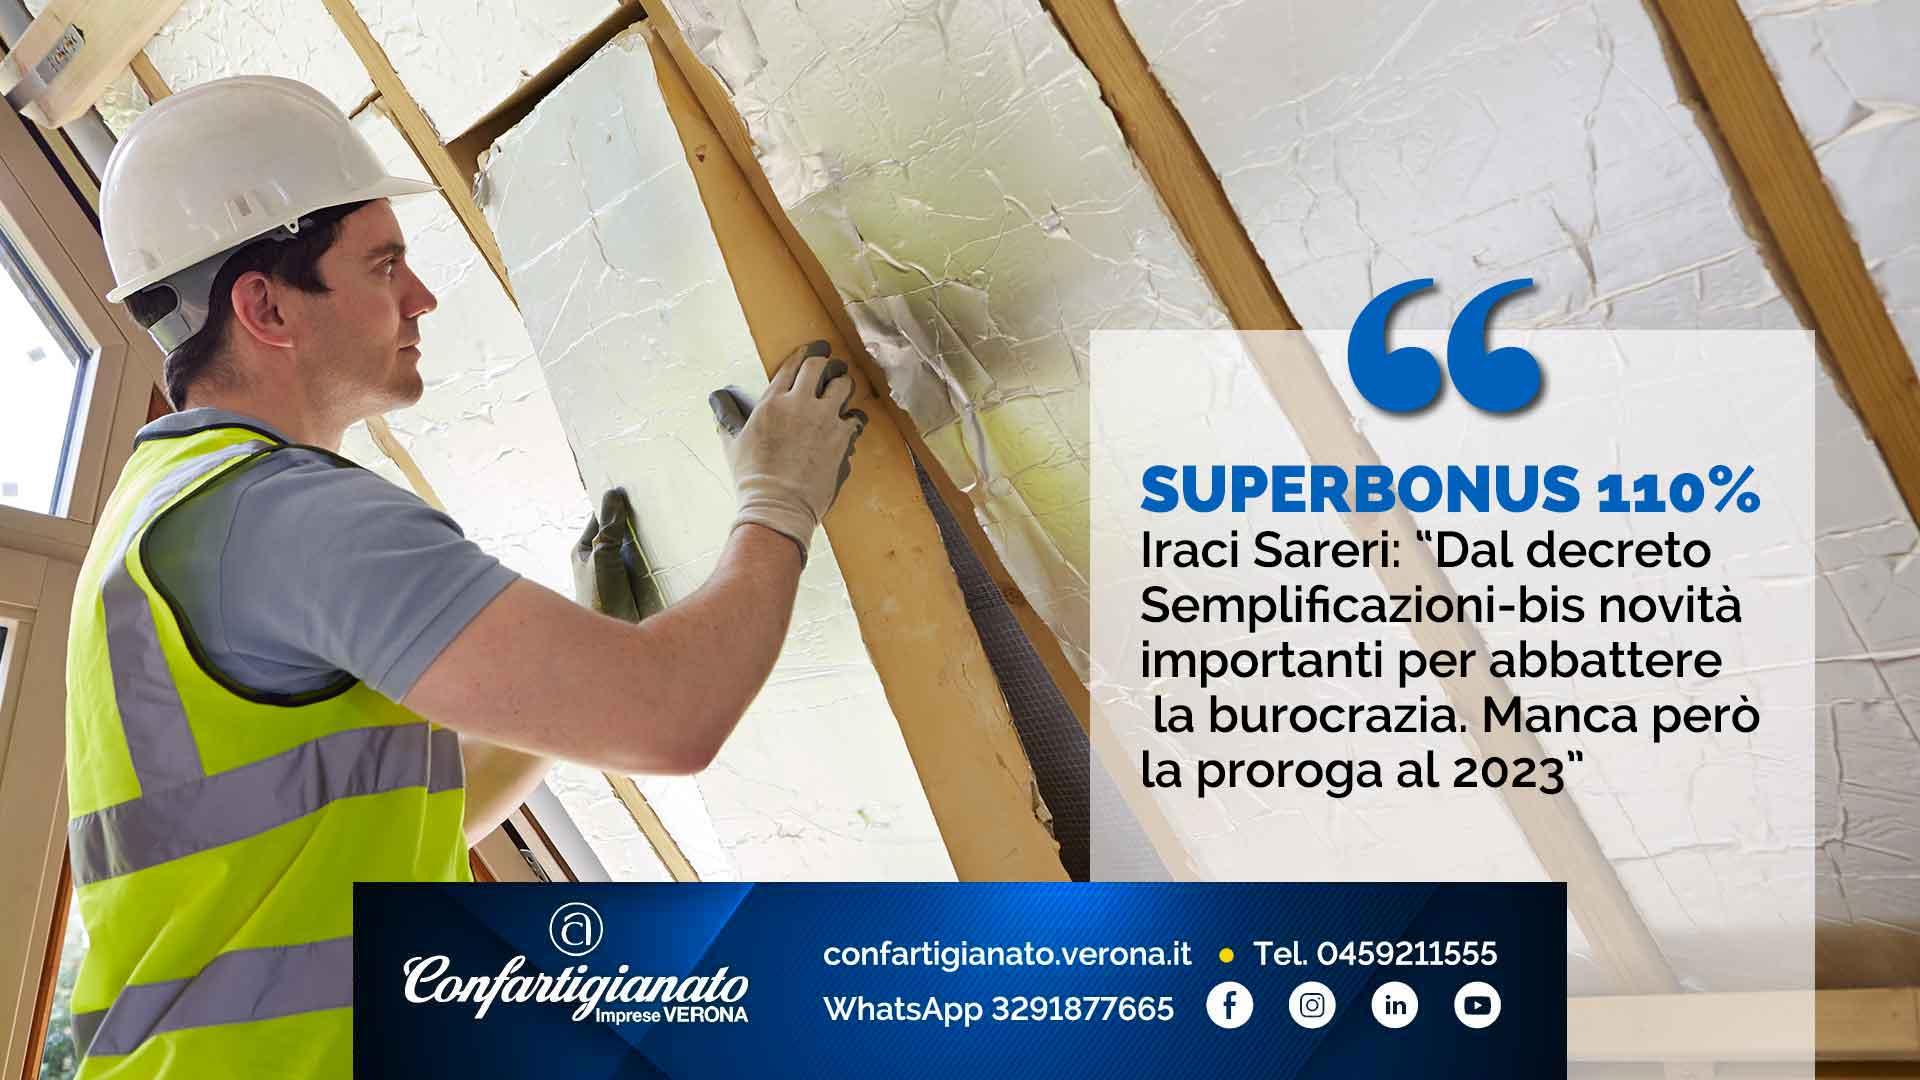 """SUPERBONUS 110% – Iraci Sareri: """"Dal decreto Semplificazioni-bis novità importanti per abbattere la burocrazia. Manca però la proroga al 2023"""""""